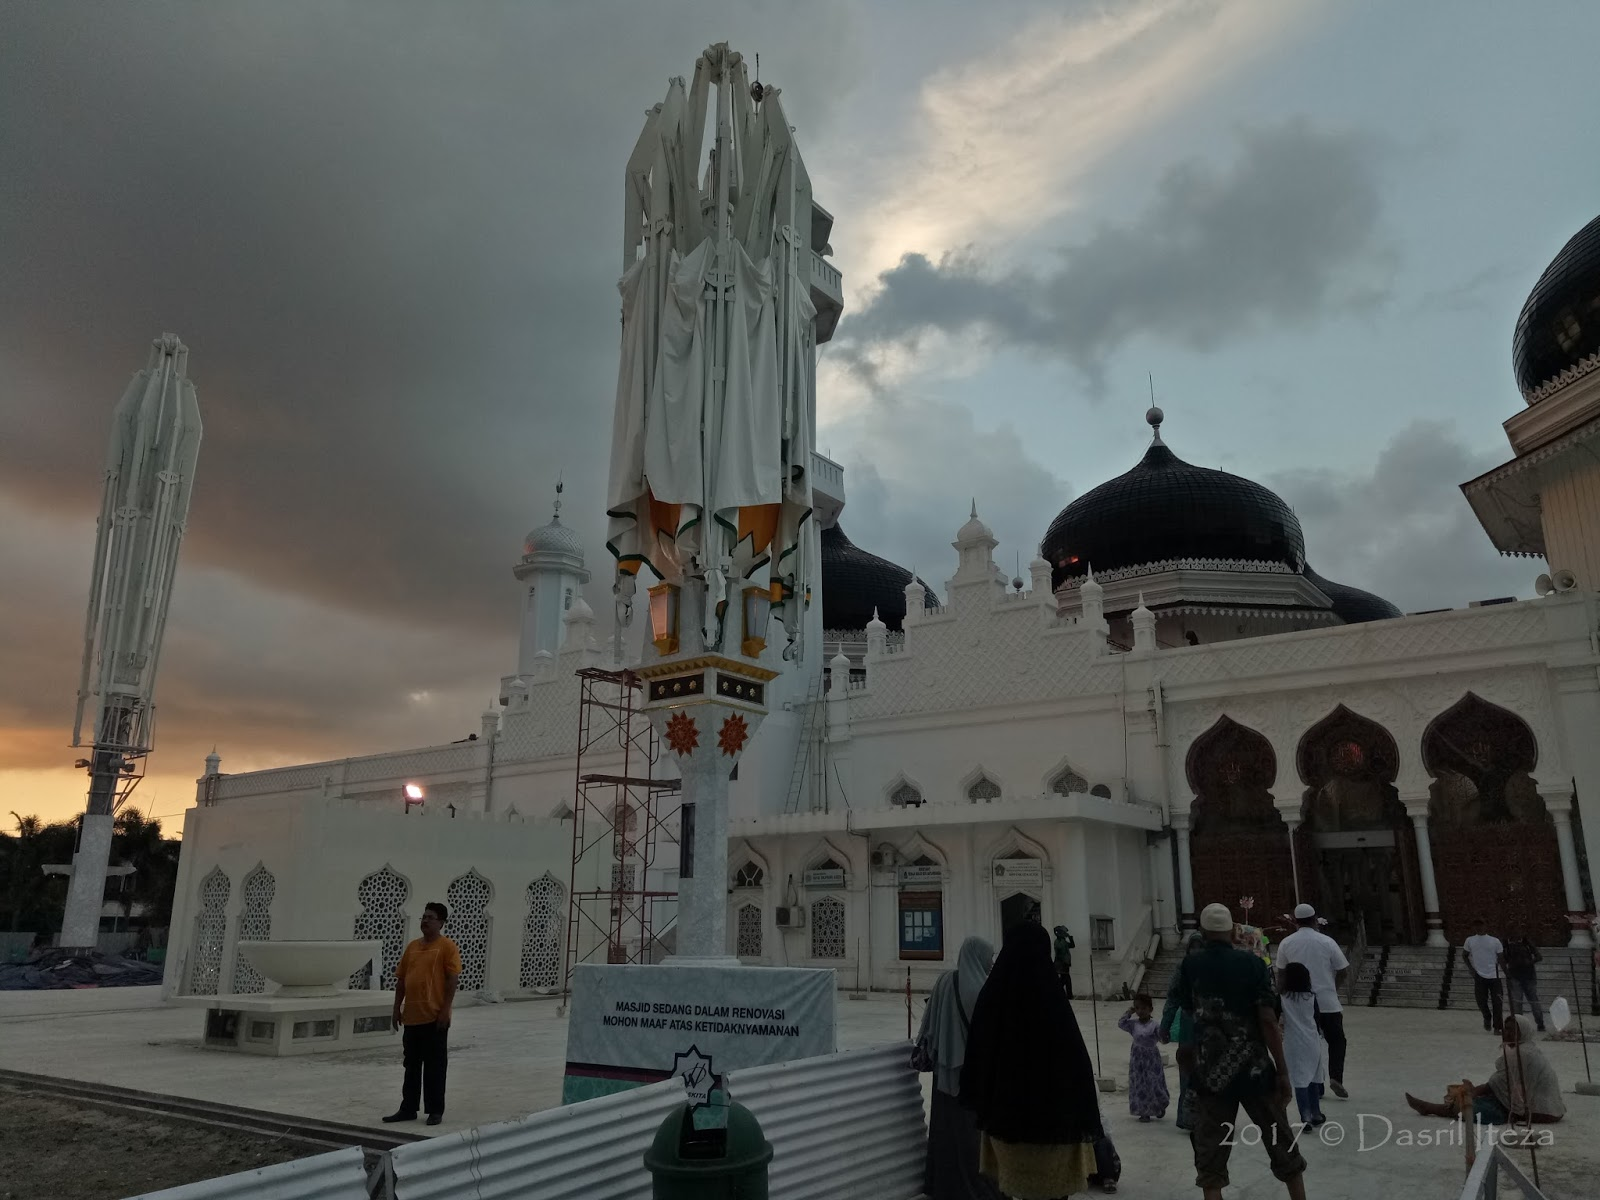 Masjid Raya Baiturrahman Banda Aceh Jepang Mengukur Ketinggian Ombak Tinggi